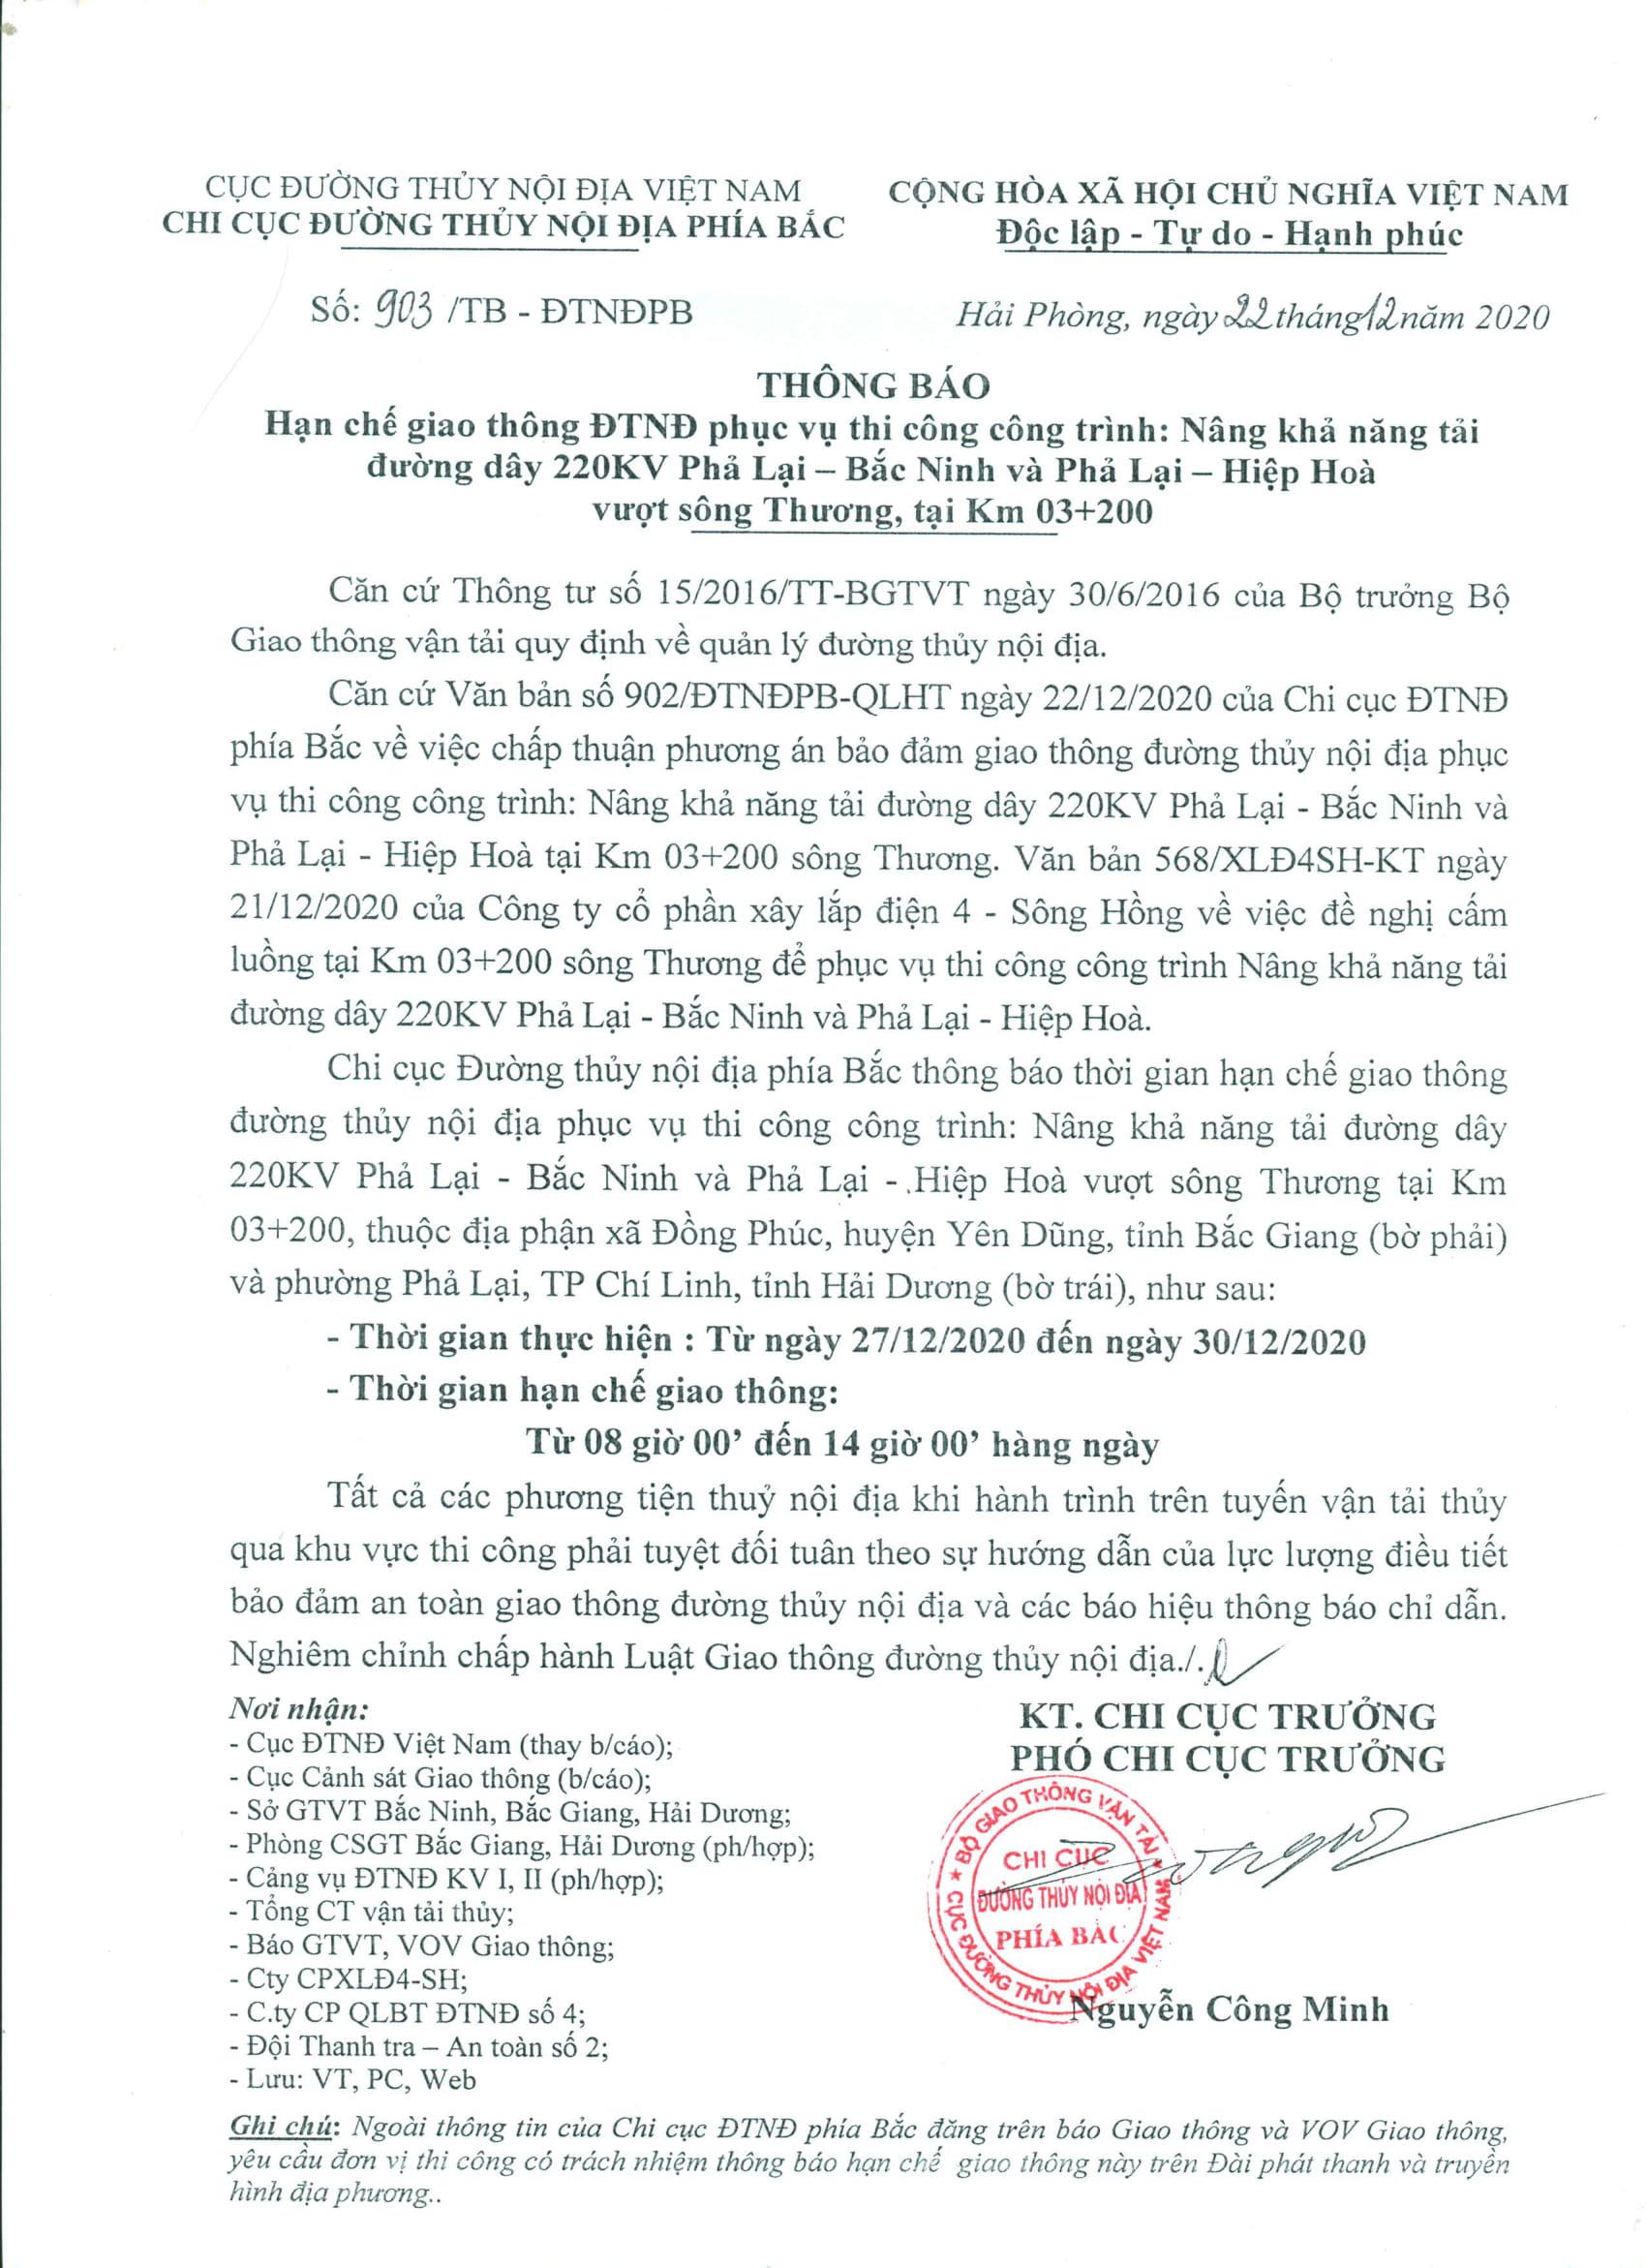 THÔNG BÁO: Hạn chế giao thông ĐTNĐ phục vụ thi công công trình: Nâng khả năng tải đường dây 220kV Phả Lại - Bắc Ninh và Phả Lại - Hiệp Hòa vượt sông Thương , tại Km 03+200